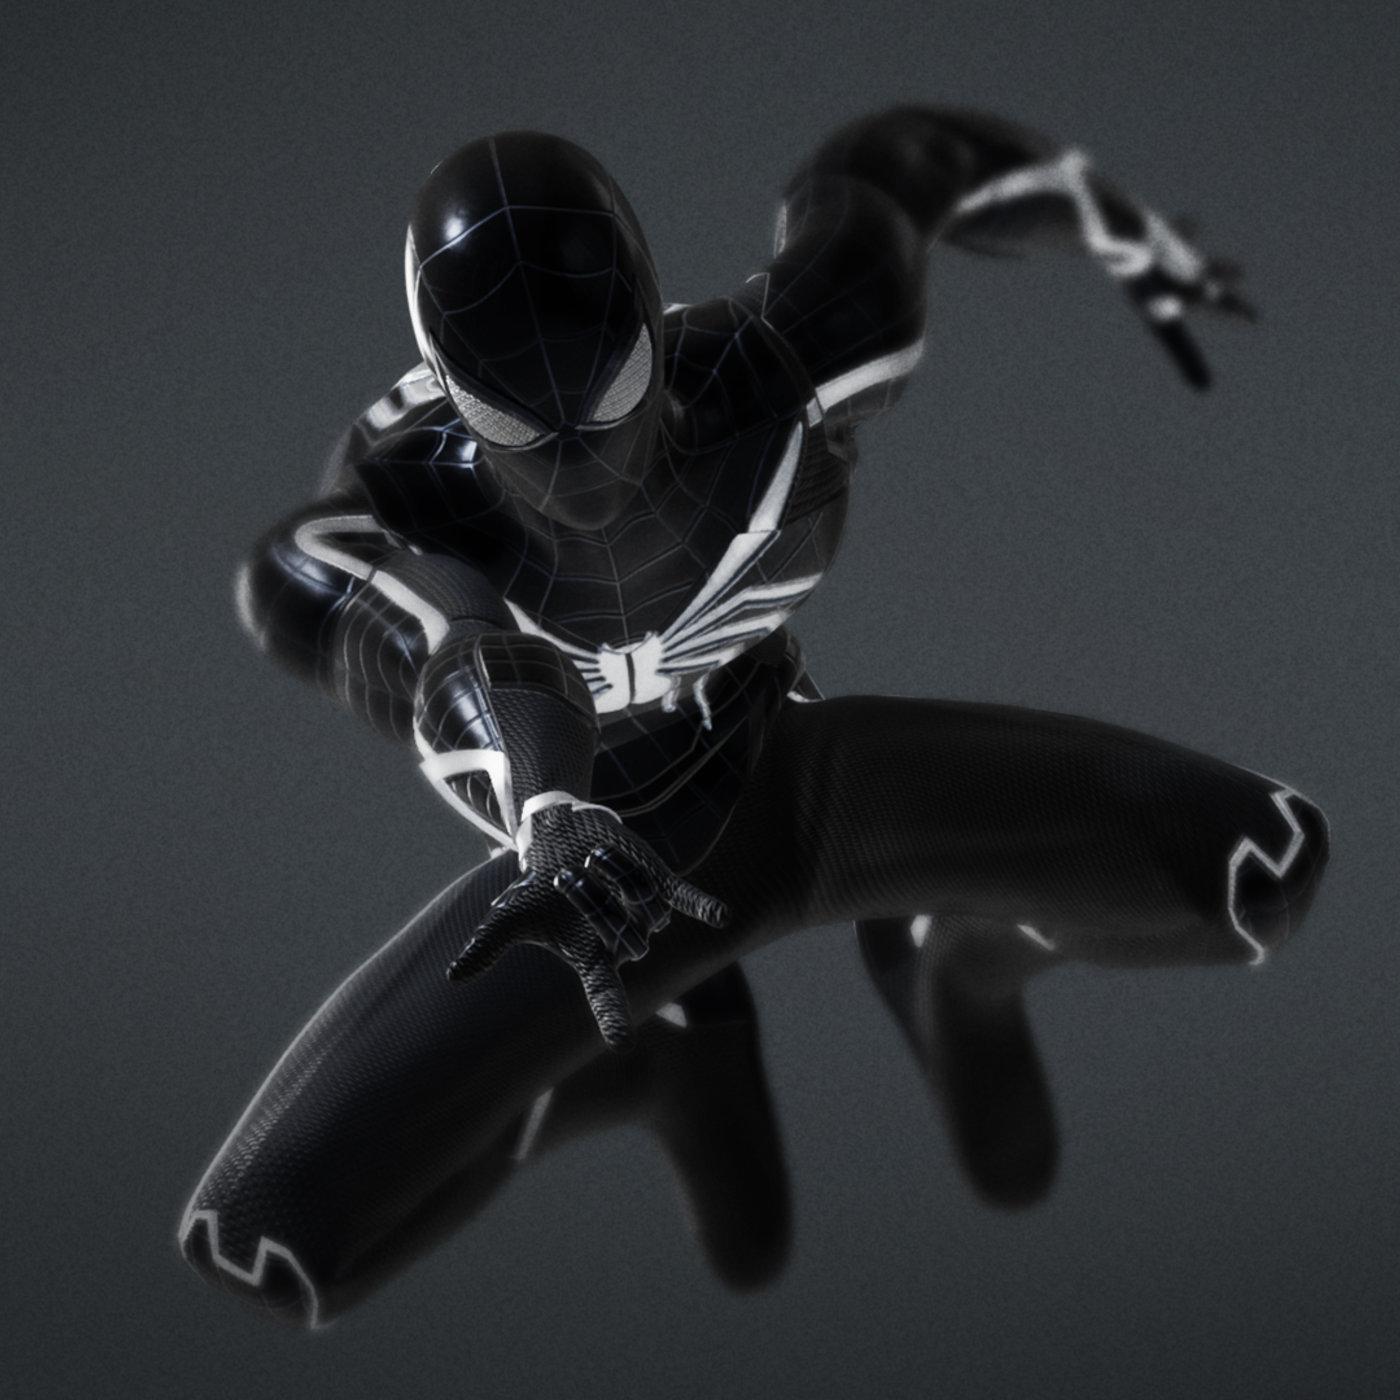 Spiderman Custom Suit design